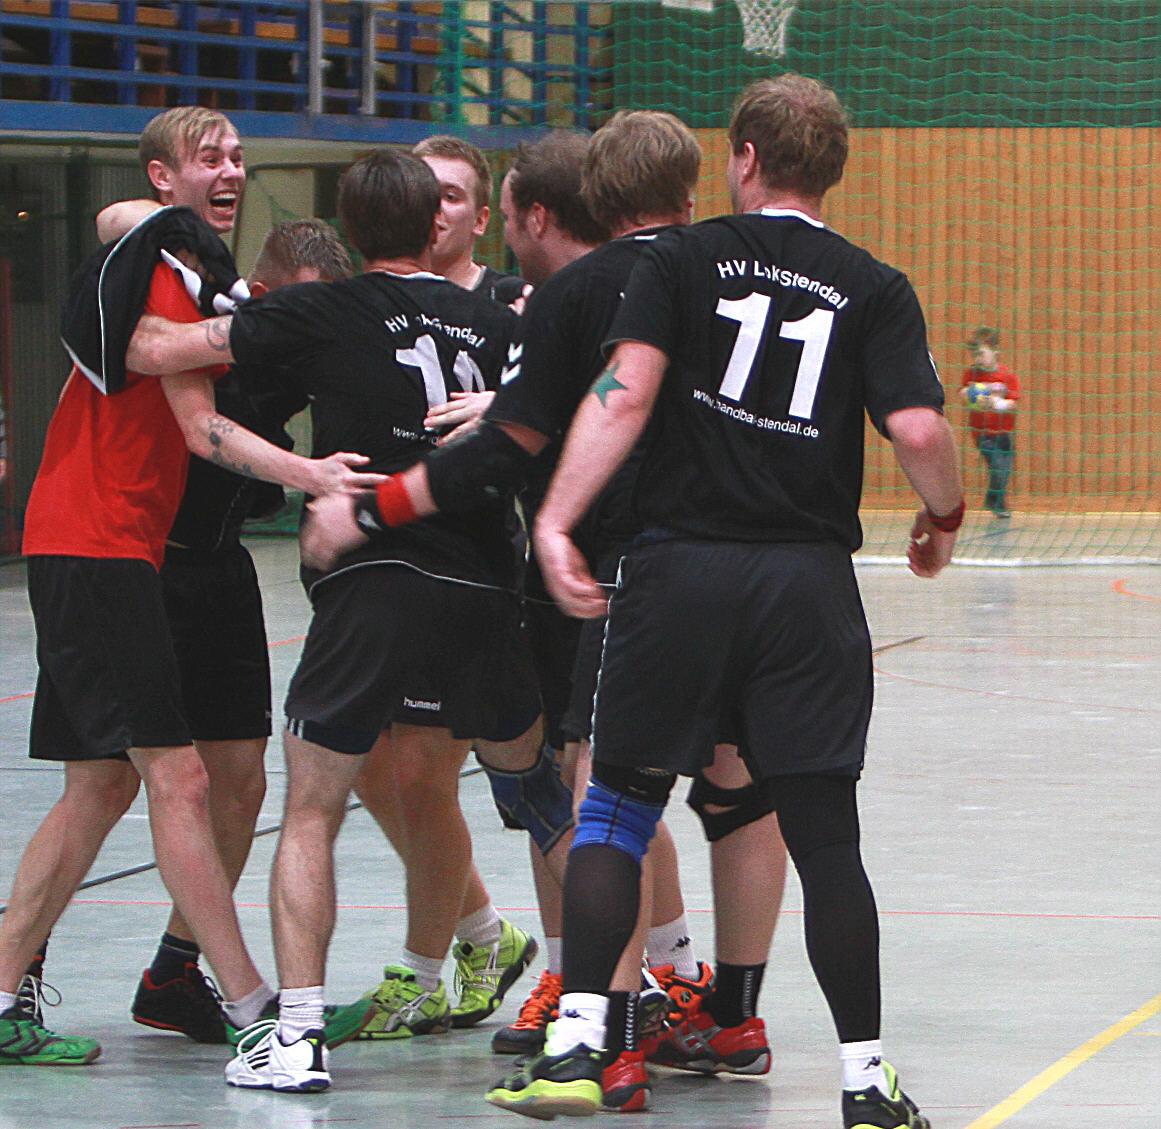 Sieg beim Halleschen SC 96 am 09.12.2012